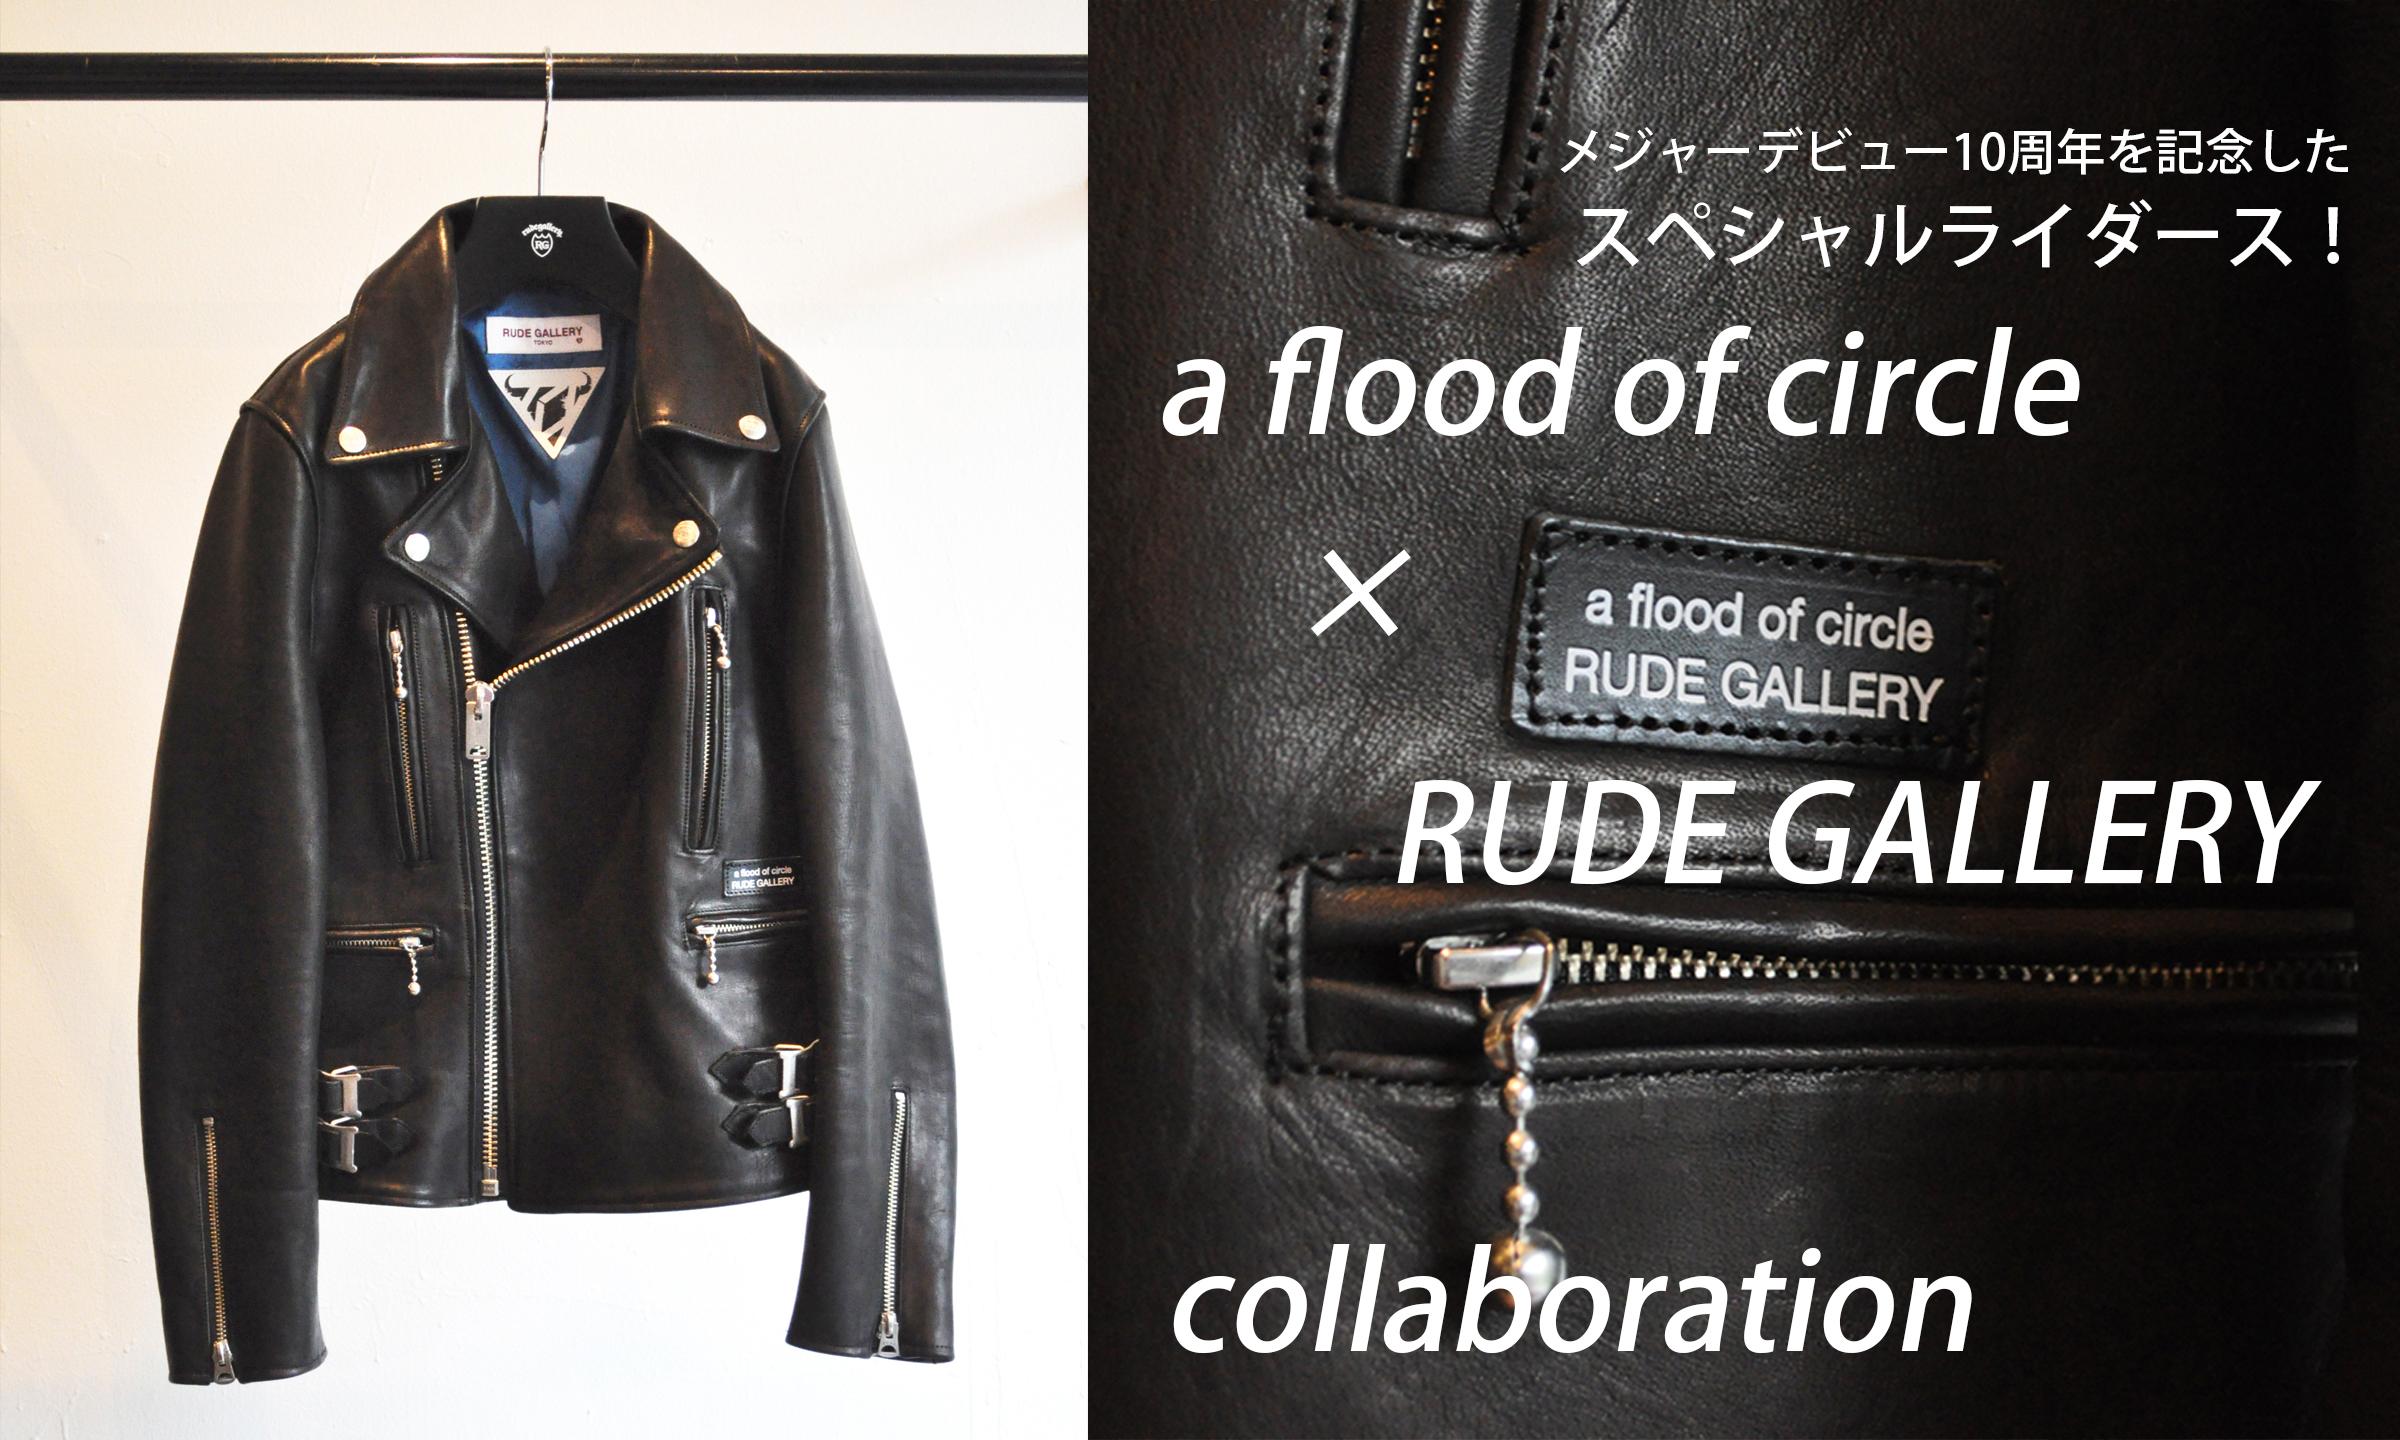 メジャーデビュー10周年を記念したスペシャルライダース! -a flood of circle × RUDE GALLERY collaboration-